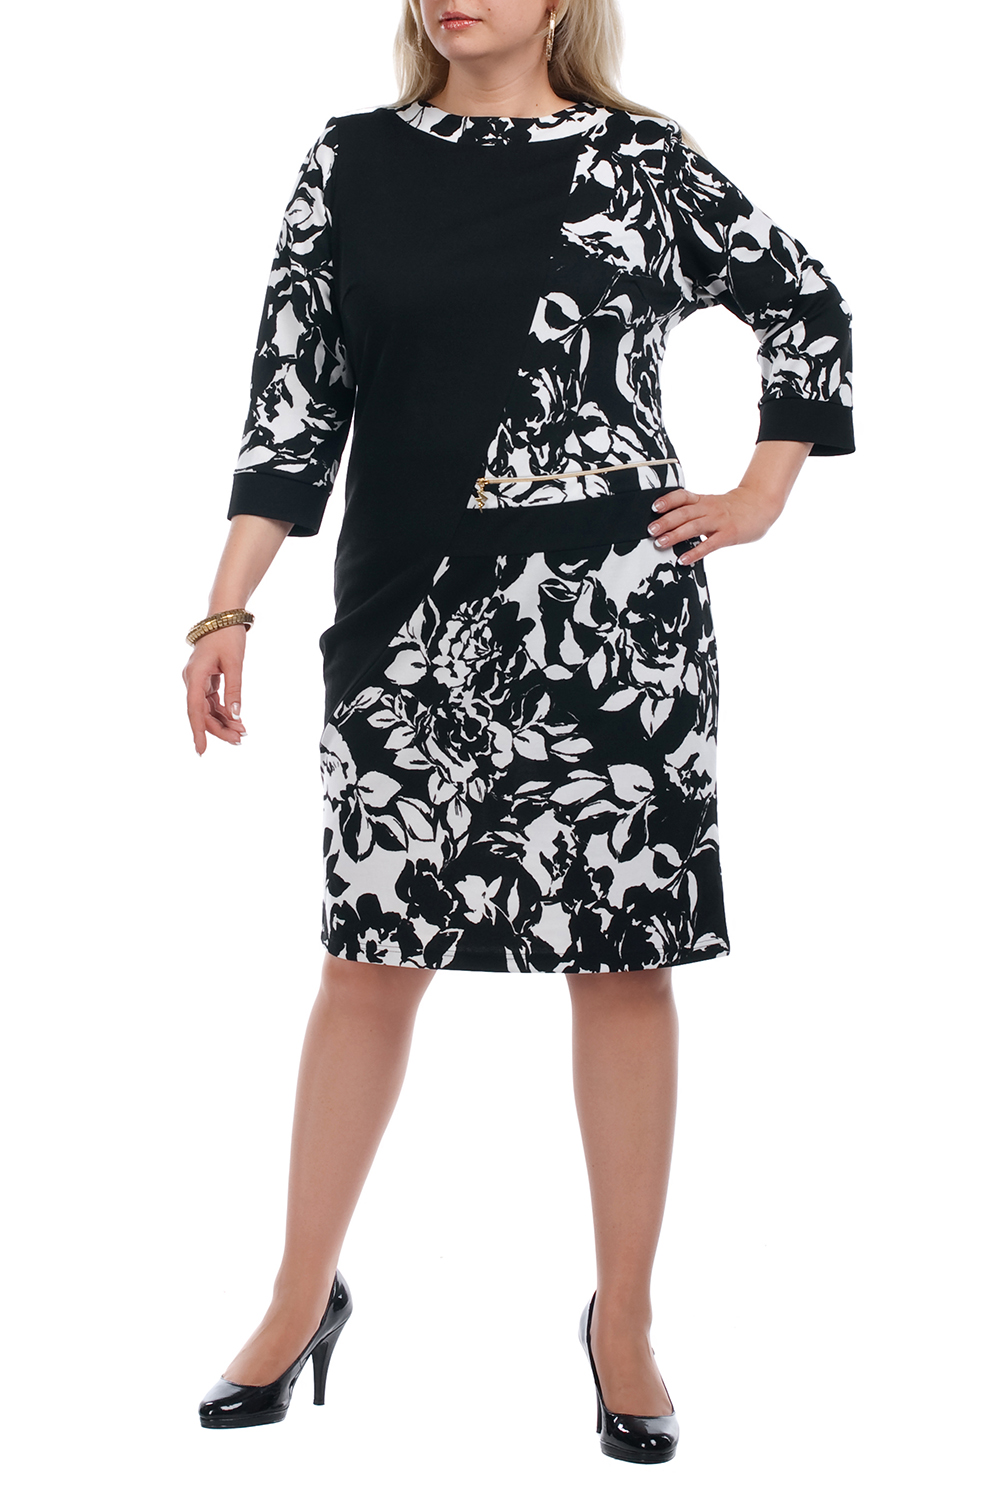 ПлатьеПлатья<br>Повседневное платье с круглой горловиной и рукавами 3/4. Модель выполнена из плотного трикотажа. Отличный выбор для повседневного гардероба.  Цвет: черный, белый  Рост девушки-фотомодели 173 см.<br><br>Горловина: С- горловина<br>По длине: Ниже колена<br>По материалу: Вискоза,Трикотаж<br>По образу: Город,Свидание<br>По рисунку: Абстракция,Цветные<br>По сезону: Весна,Осень<br>По силуэту: Полуприталенные<br>По стилю: Повседневный стиль<br>По форме: Платье - футляр<br>Рукав: Рукав три четверти<br>Размер : 52,54,56,60,62,64,66,68,70<br>Материал: Трикотаж<br>Количество в наличии: 23